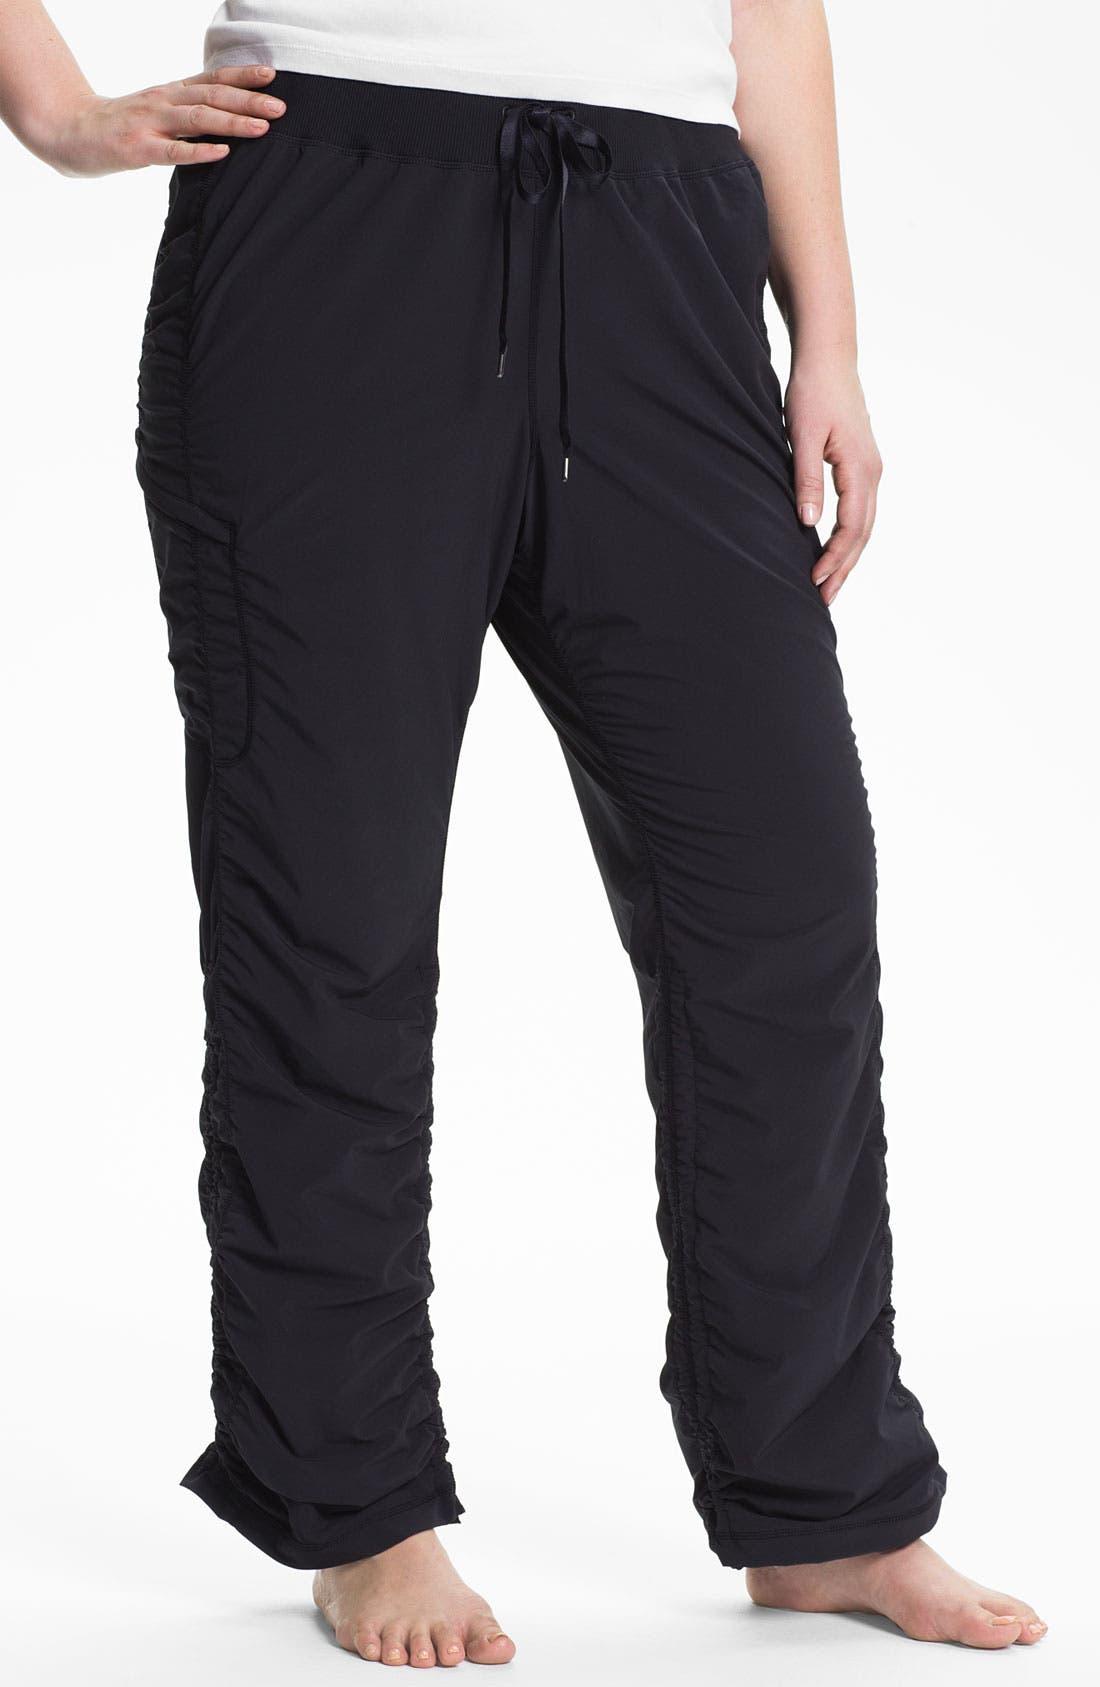 Main Image - Zella 'Move' Pants (Plus Size)